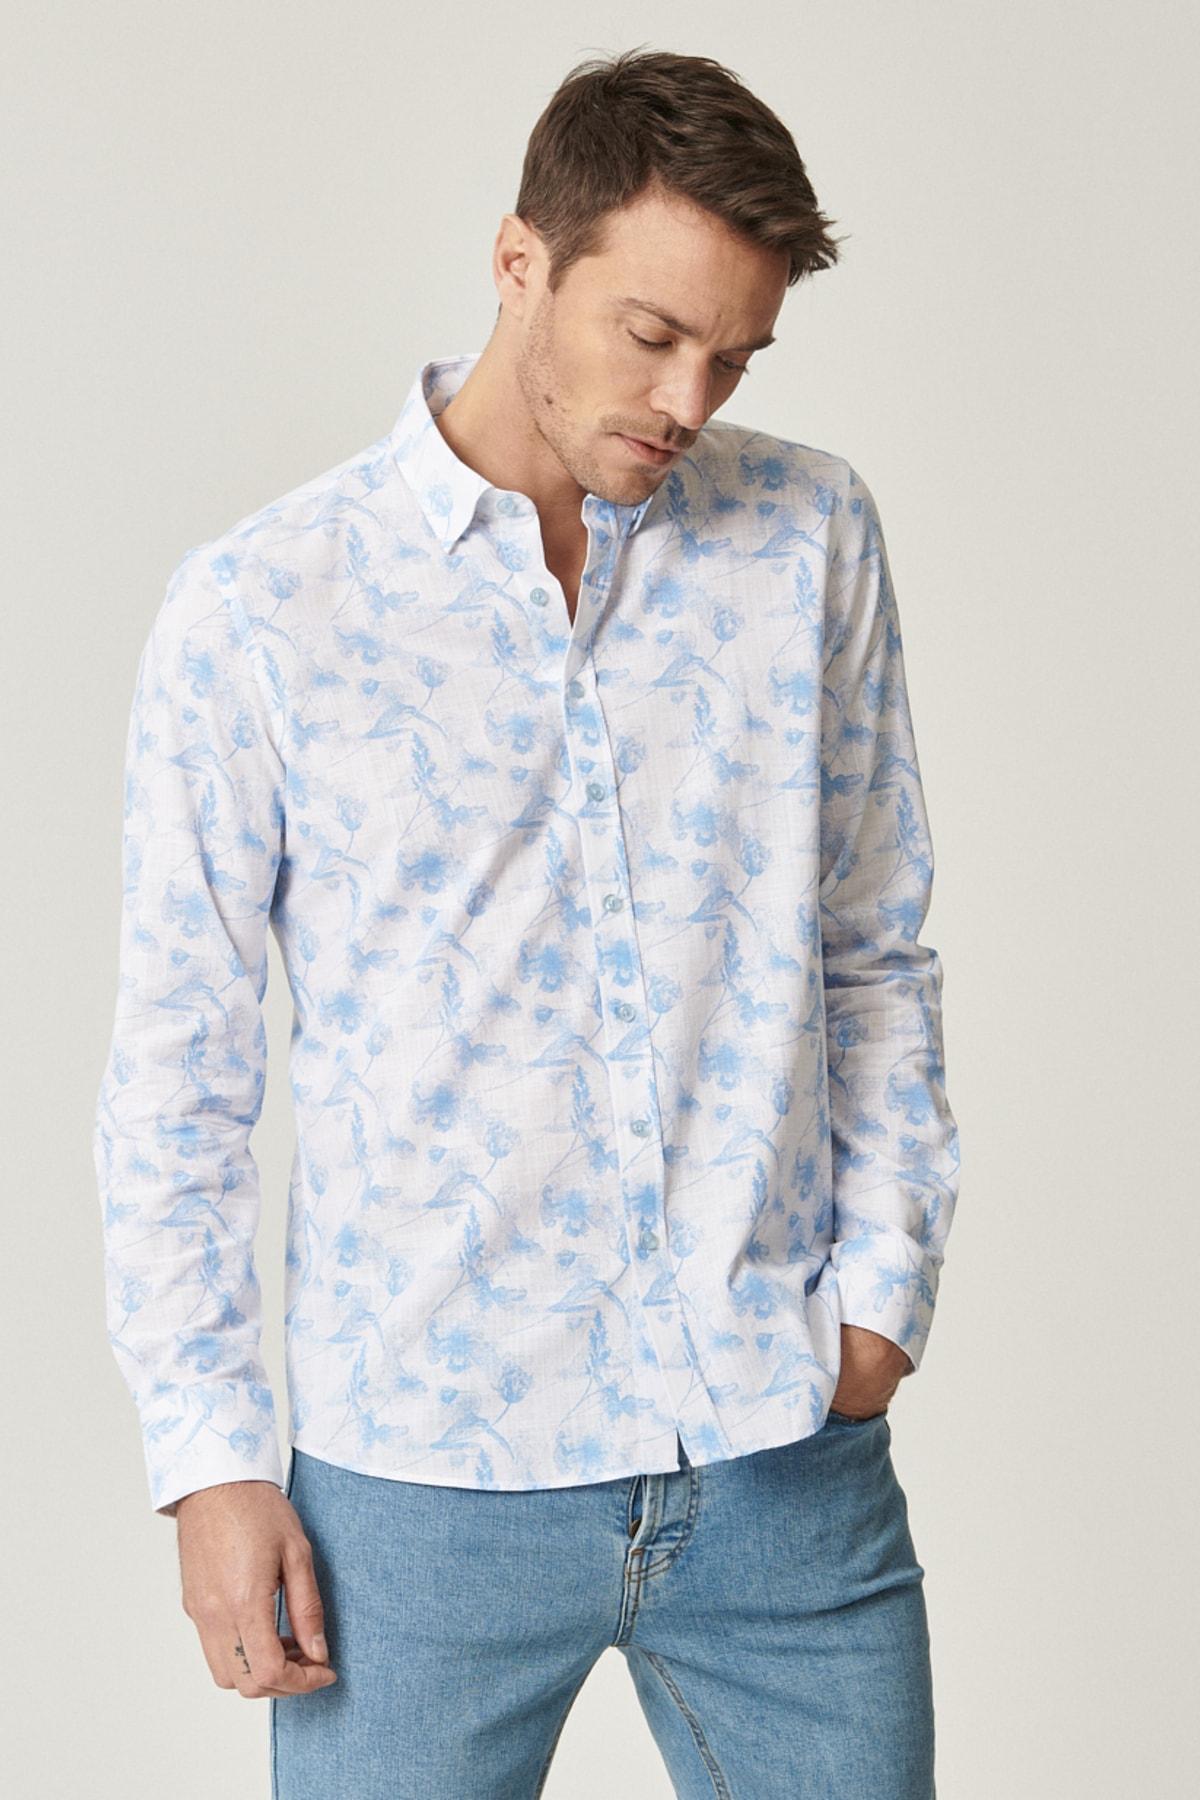 ALTINYILDIZ CLASSICS Erkek Beyaz-Mavi Baskılı Düğmeli Yaka Tailored Slim Fit Gömlek 1